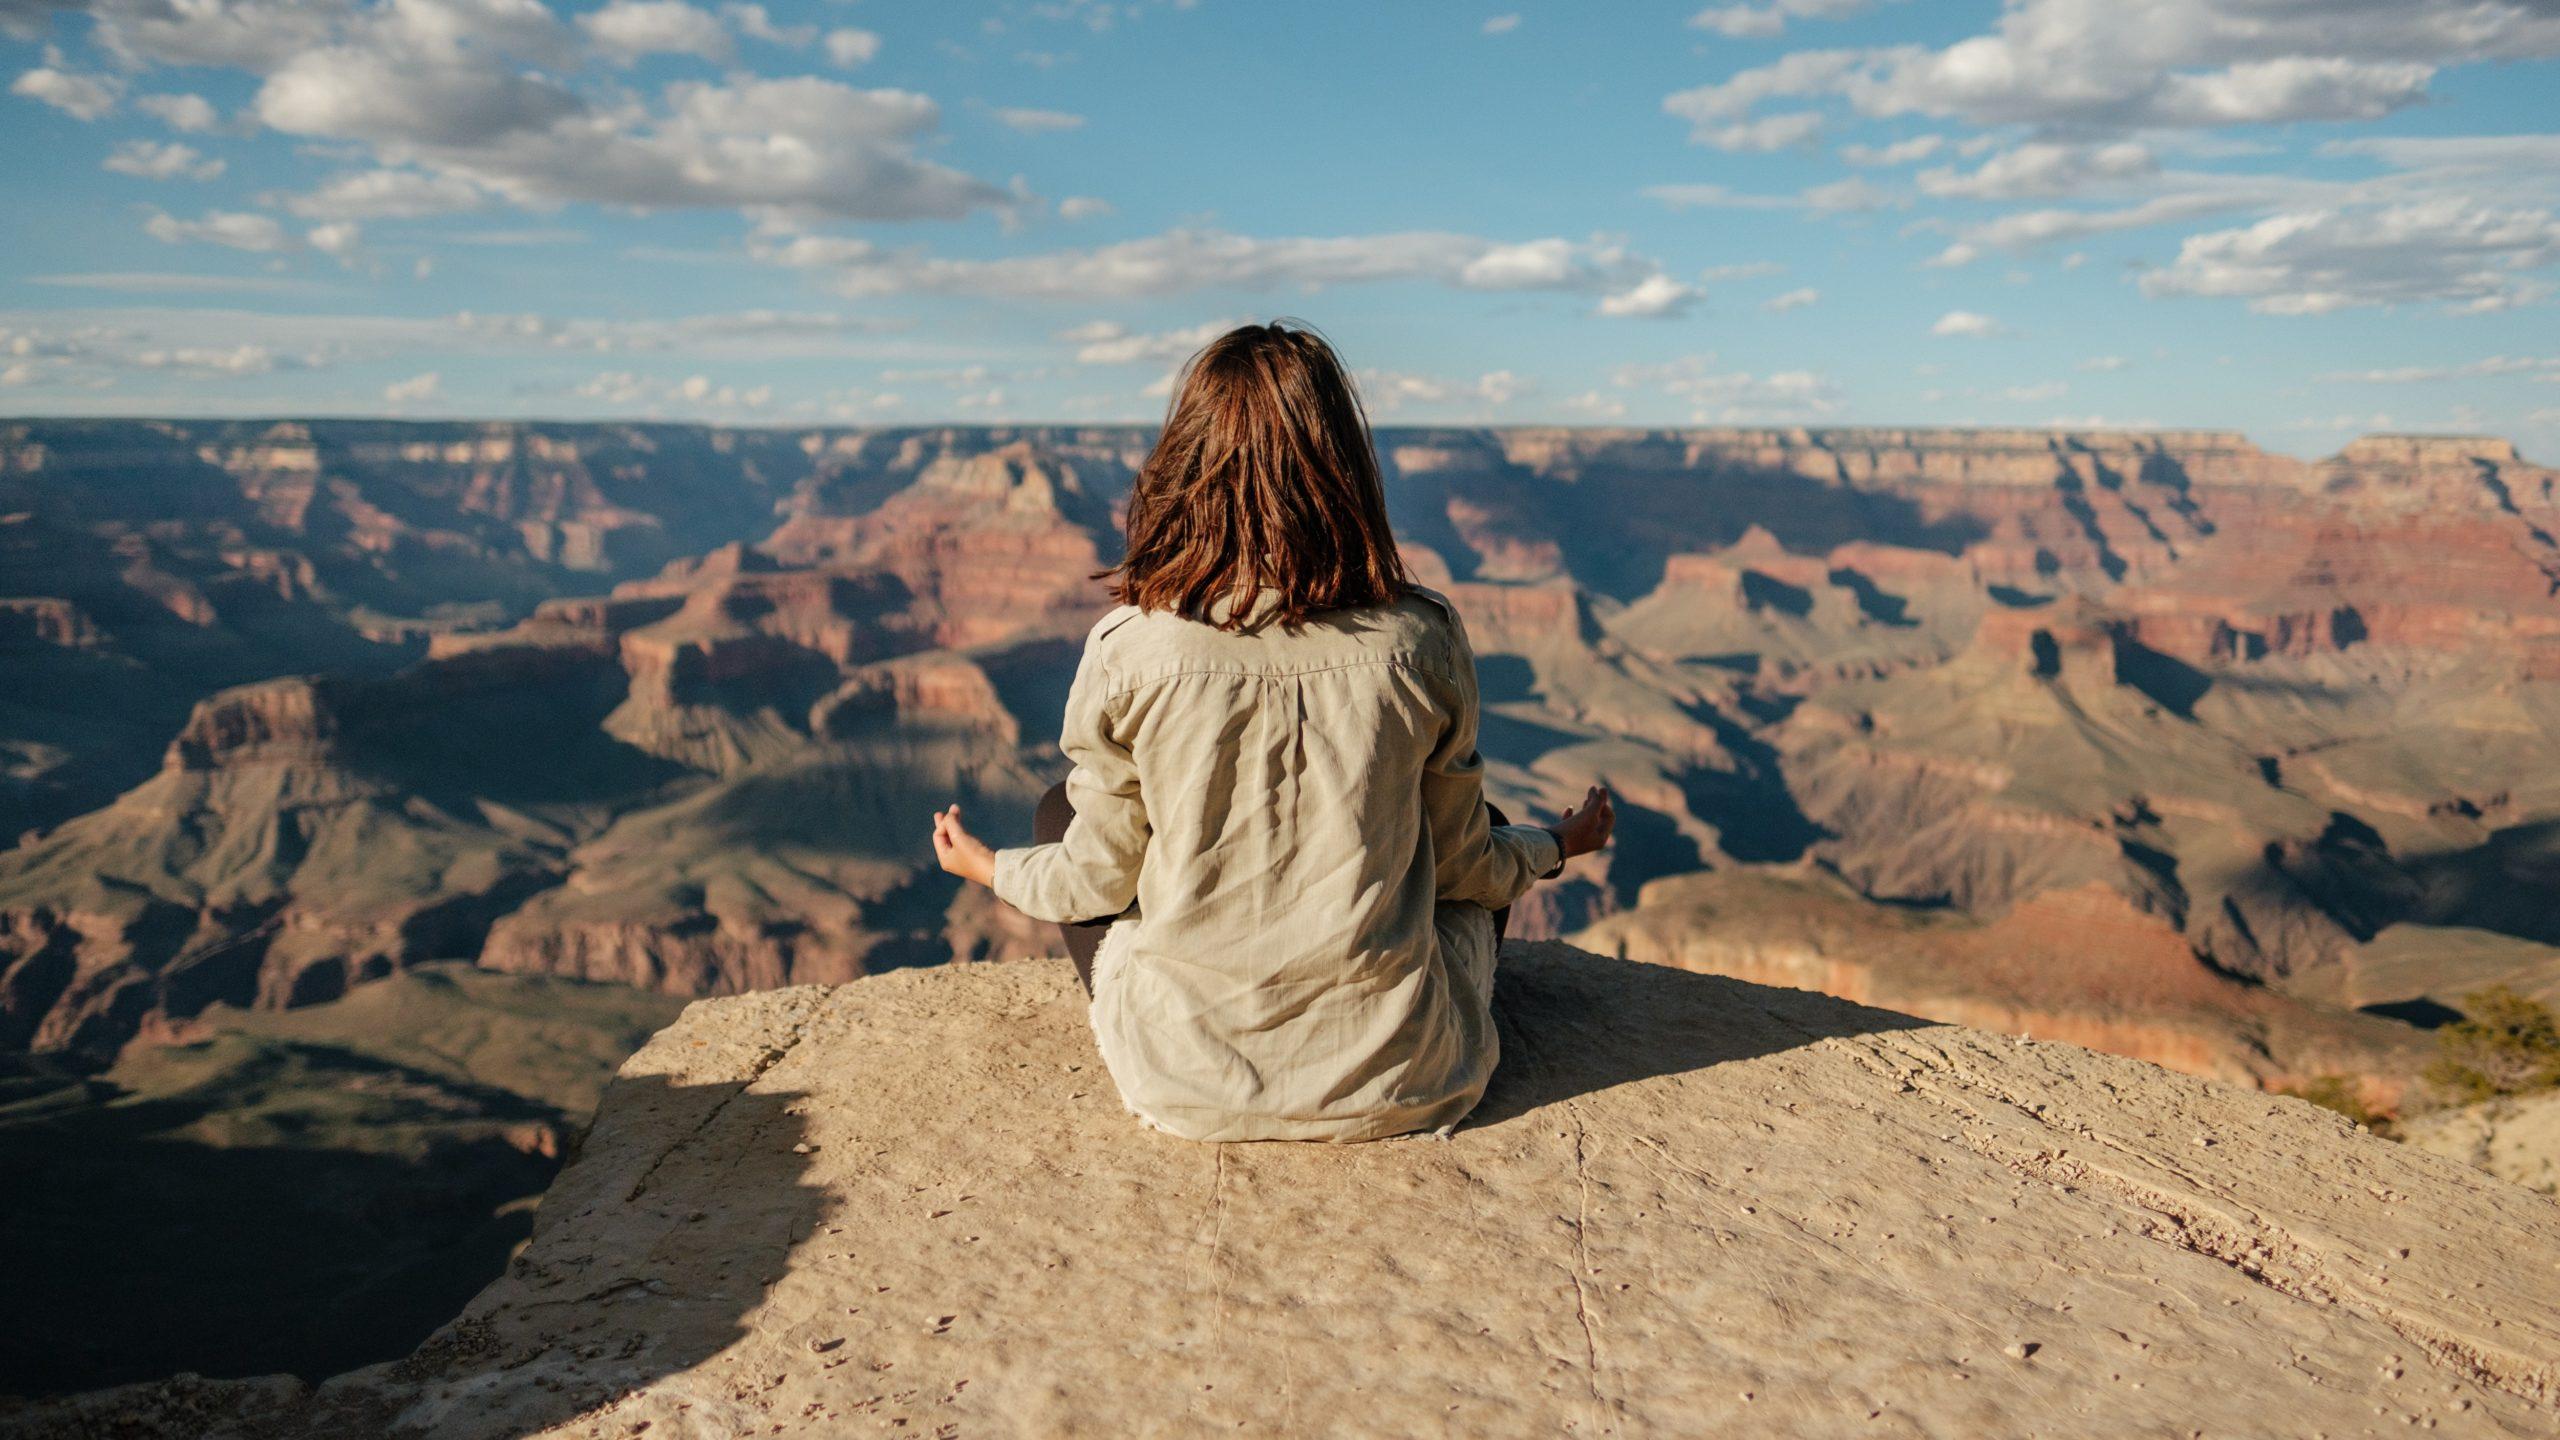 【体験談】3ヶ月の間、瞑想を15分続けた結果【目標がある方にオススメ】